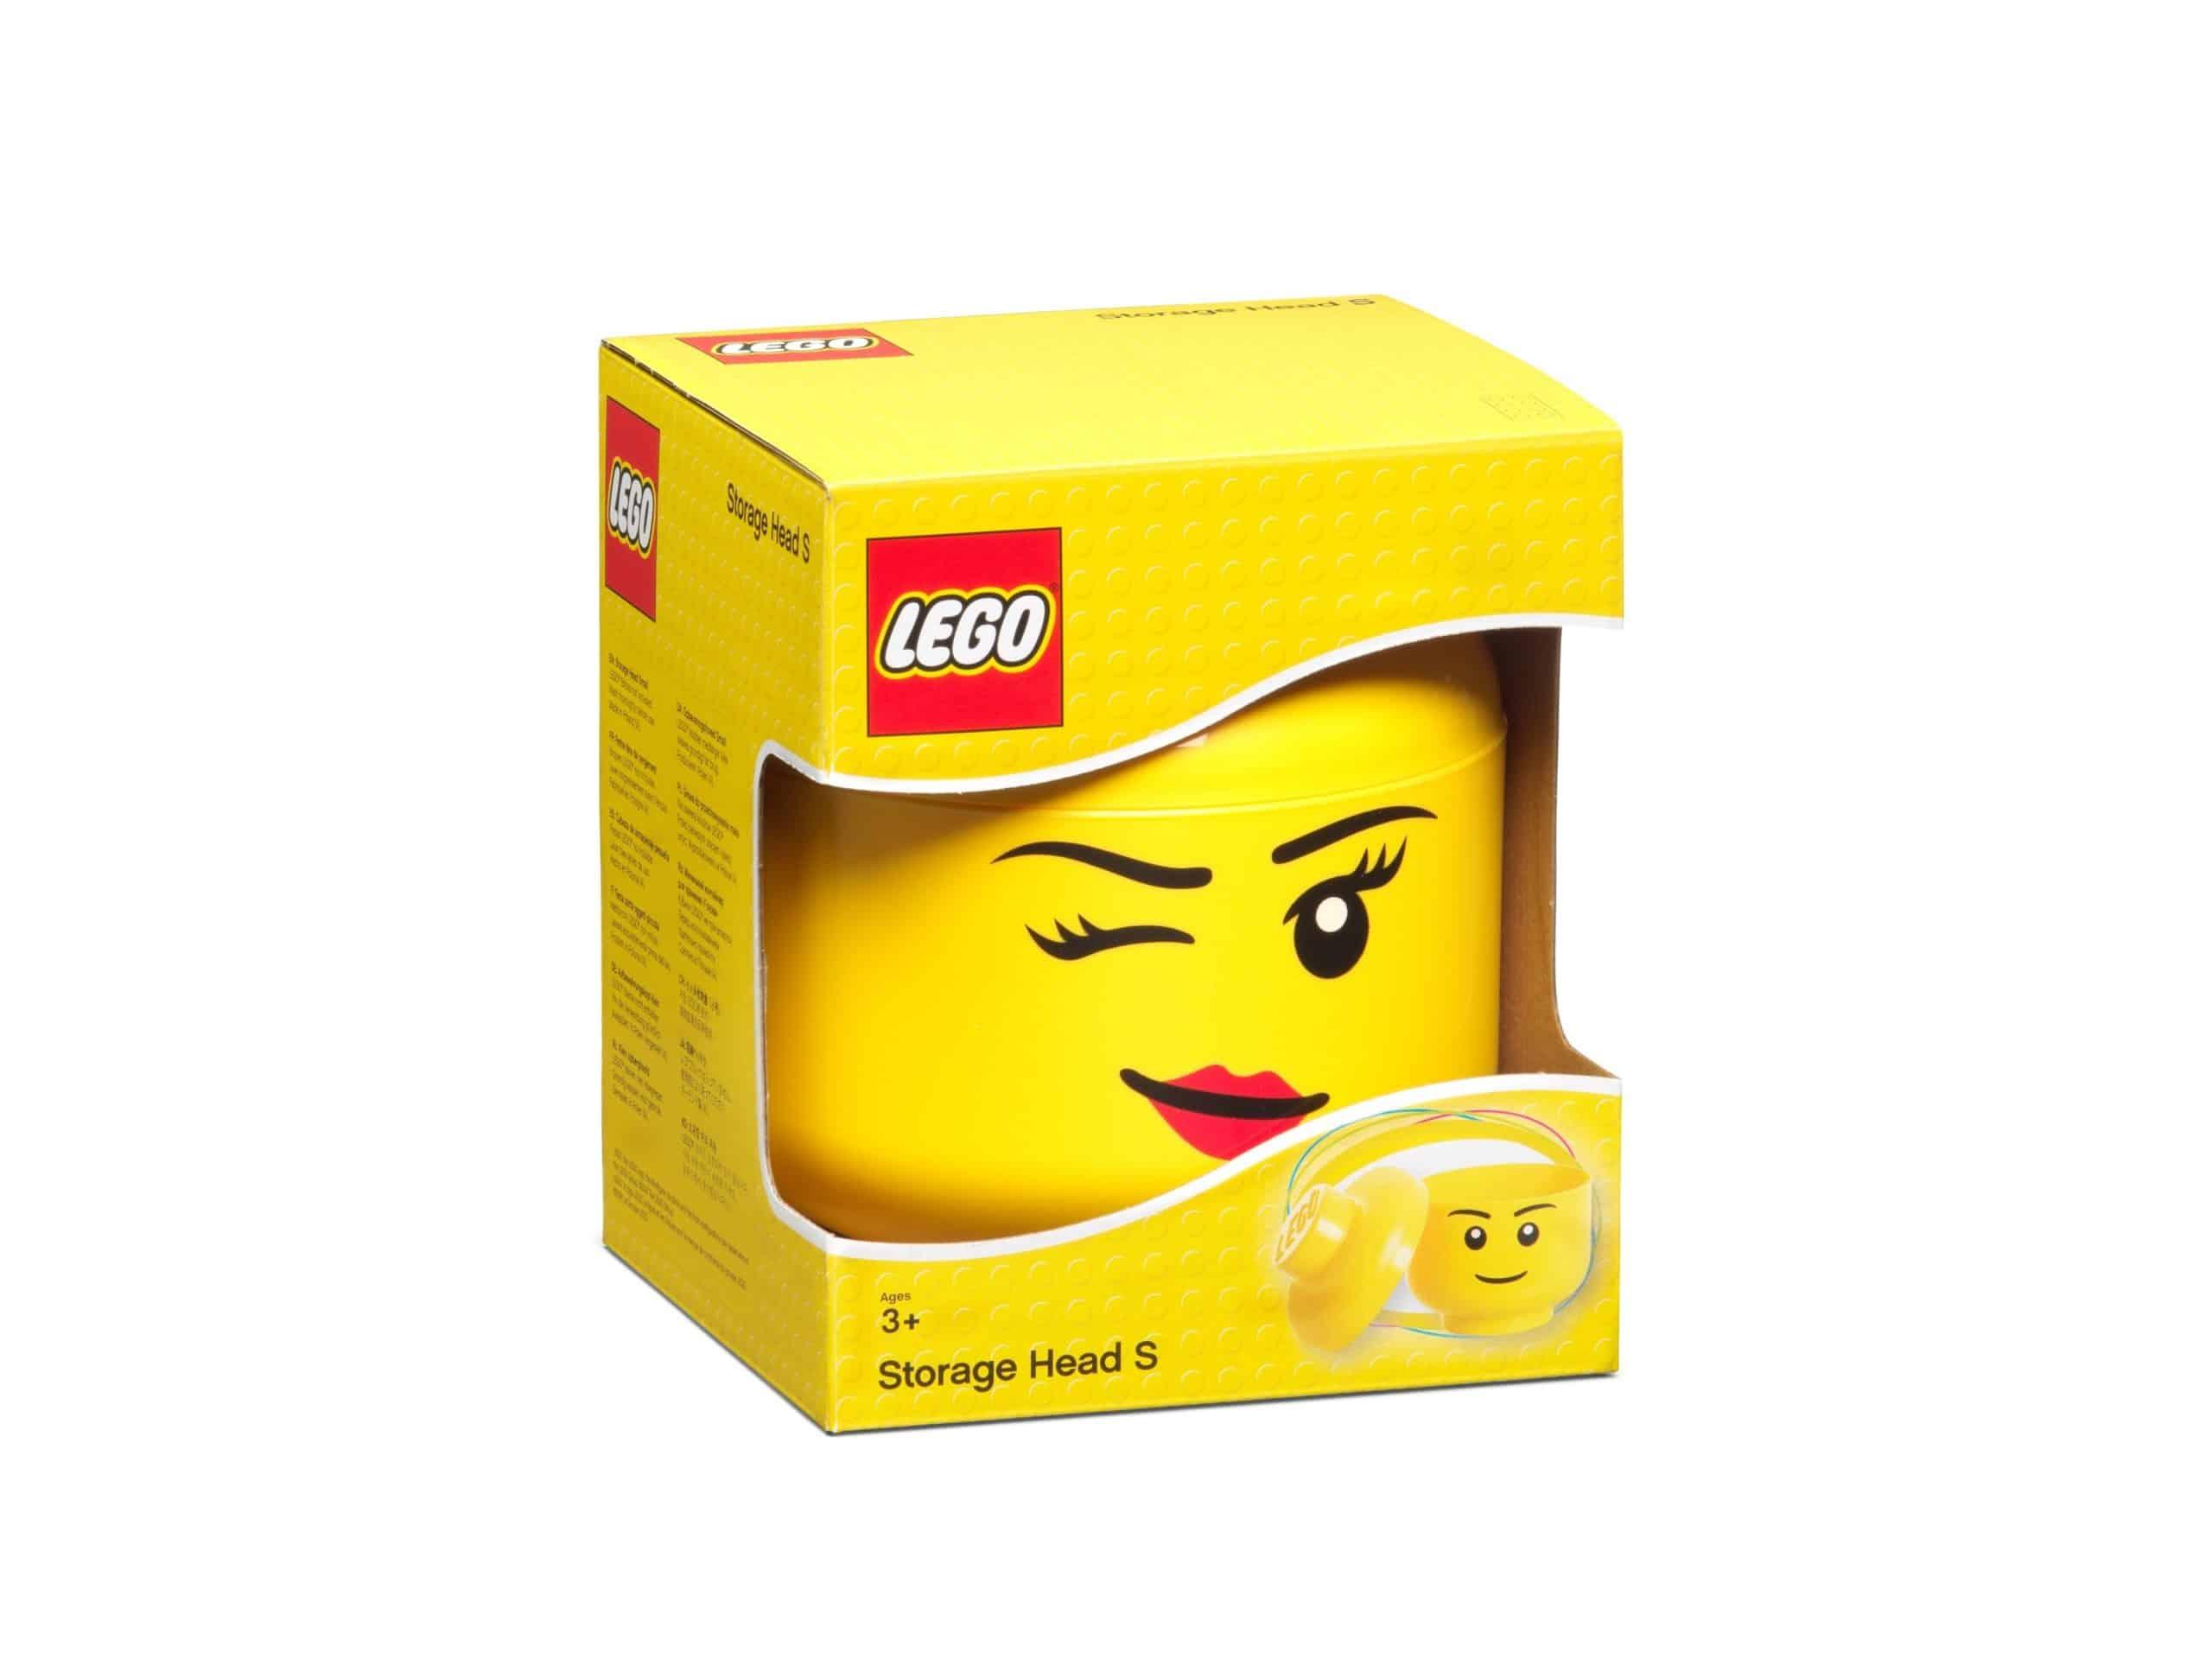 lego 5006186 opbevaringshoved lille blinkende scaled